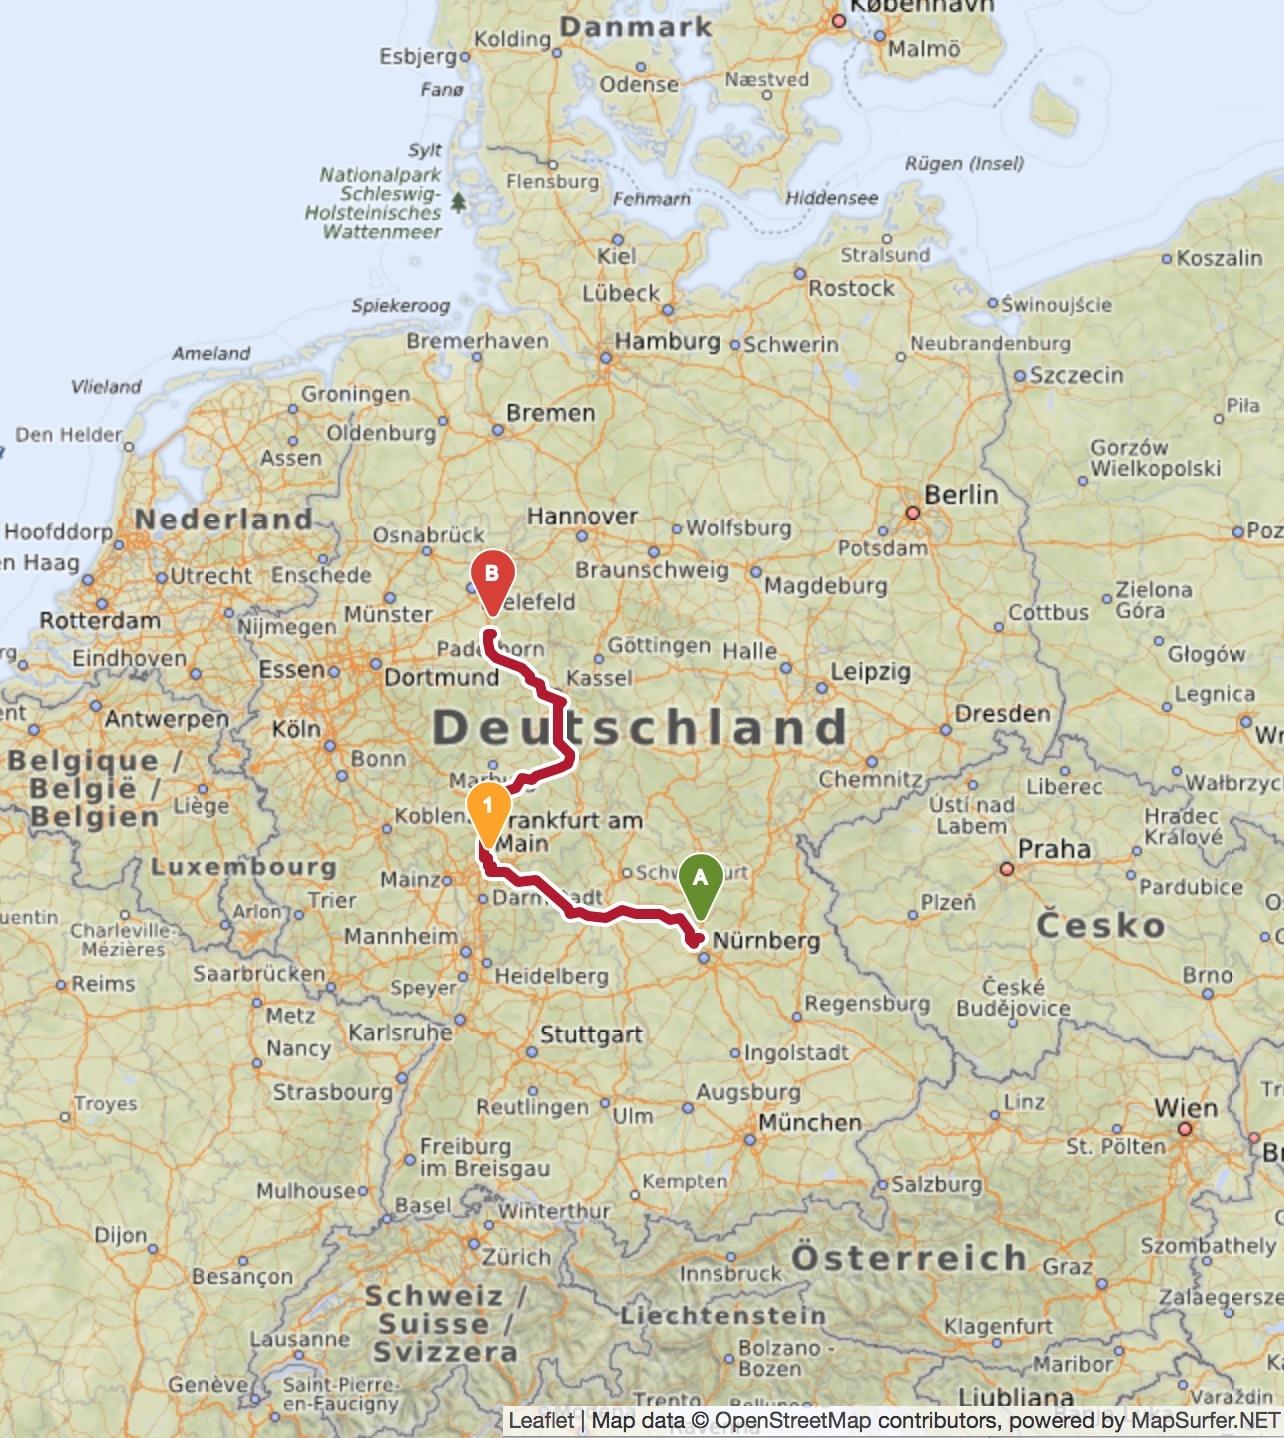 Verbund von Erlangen über Frankfurt nach Paderborn